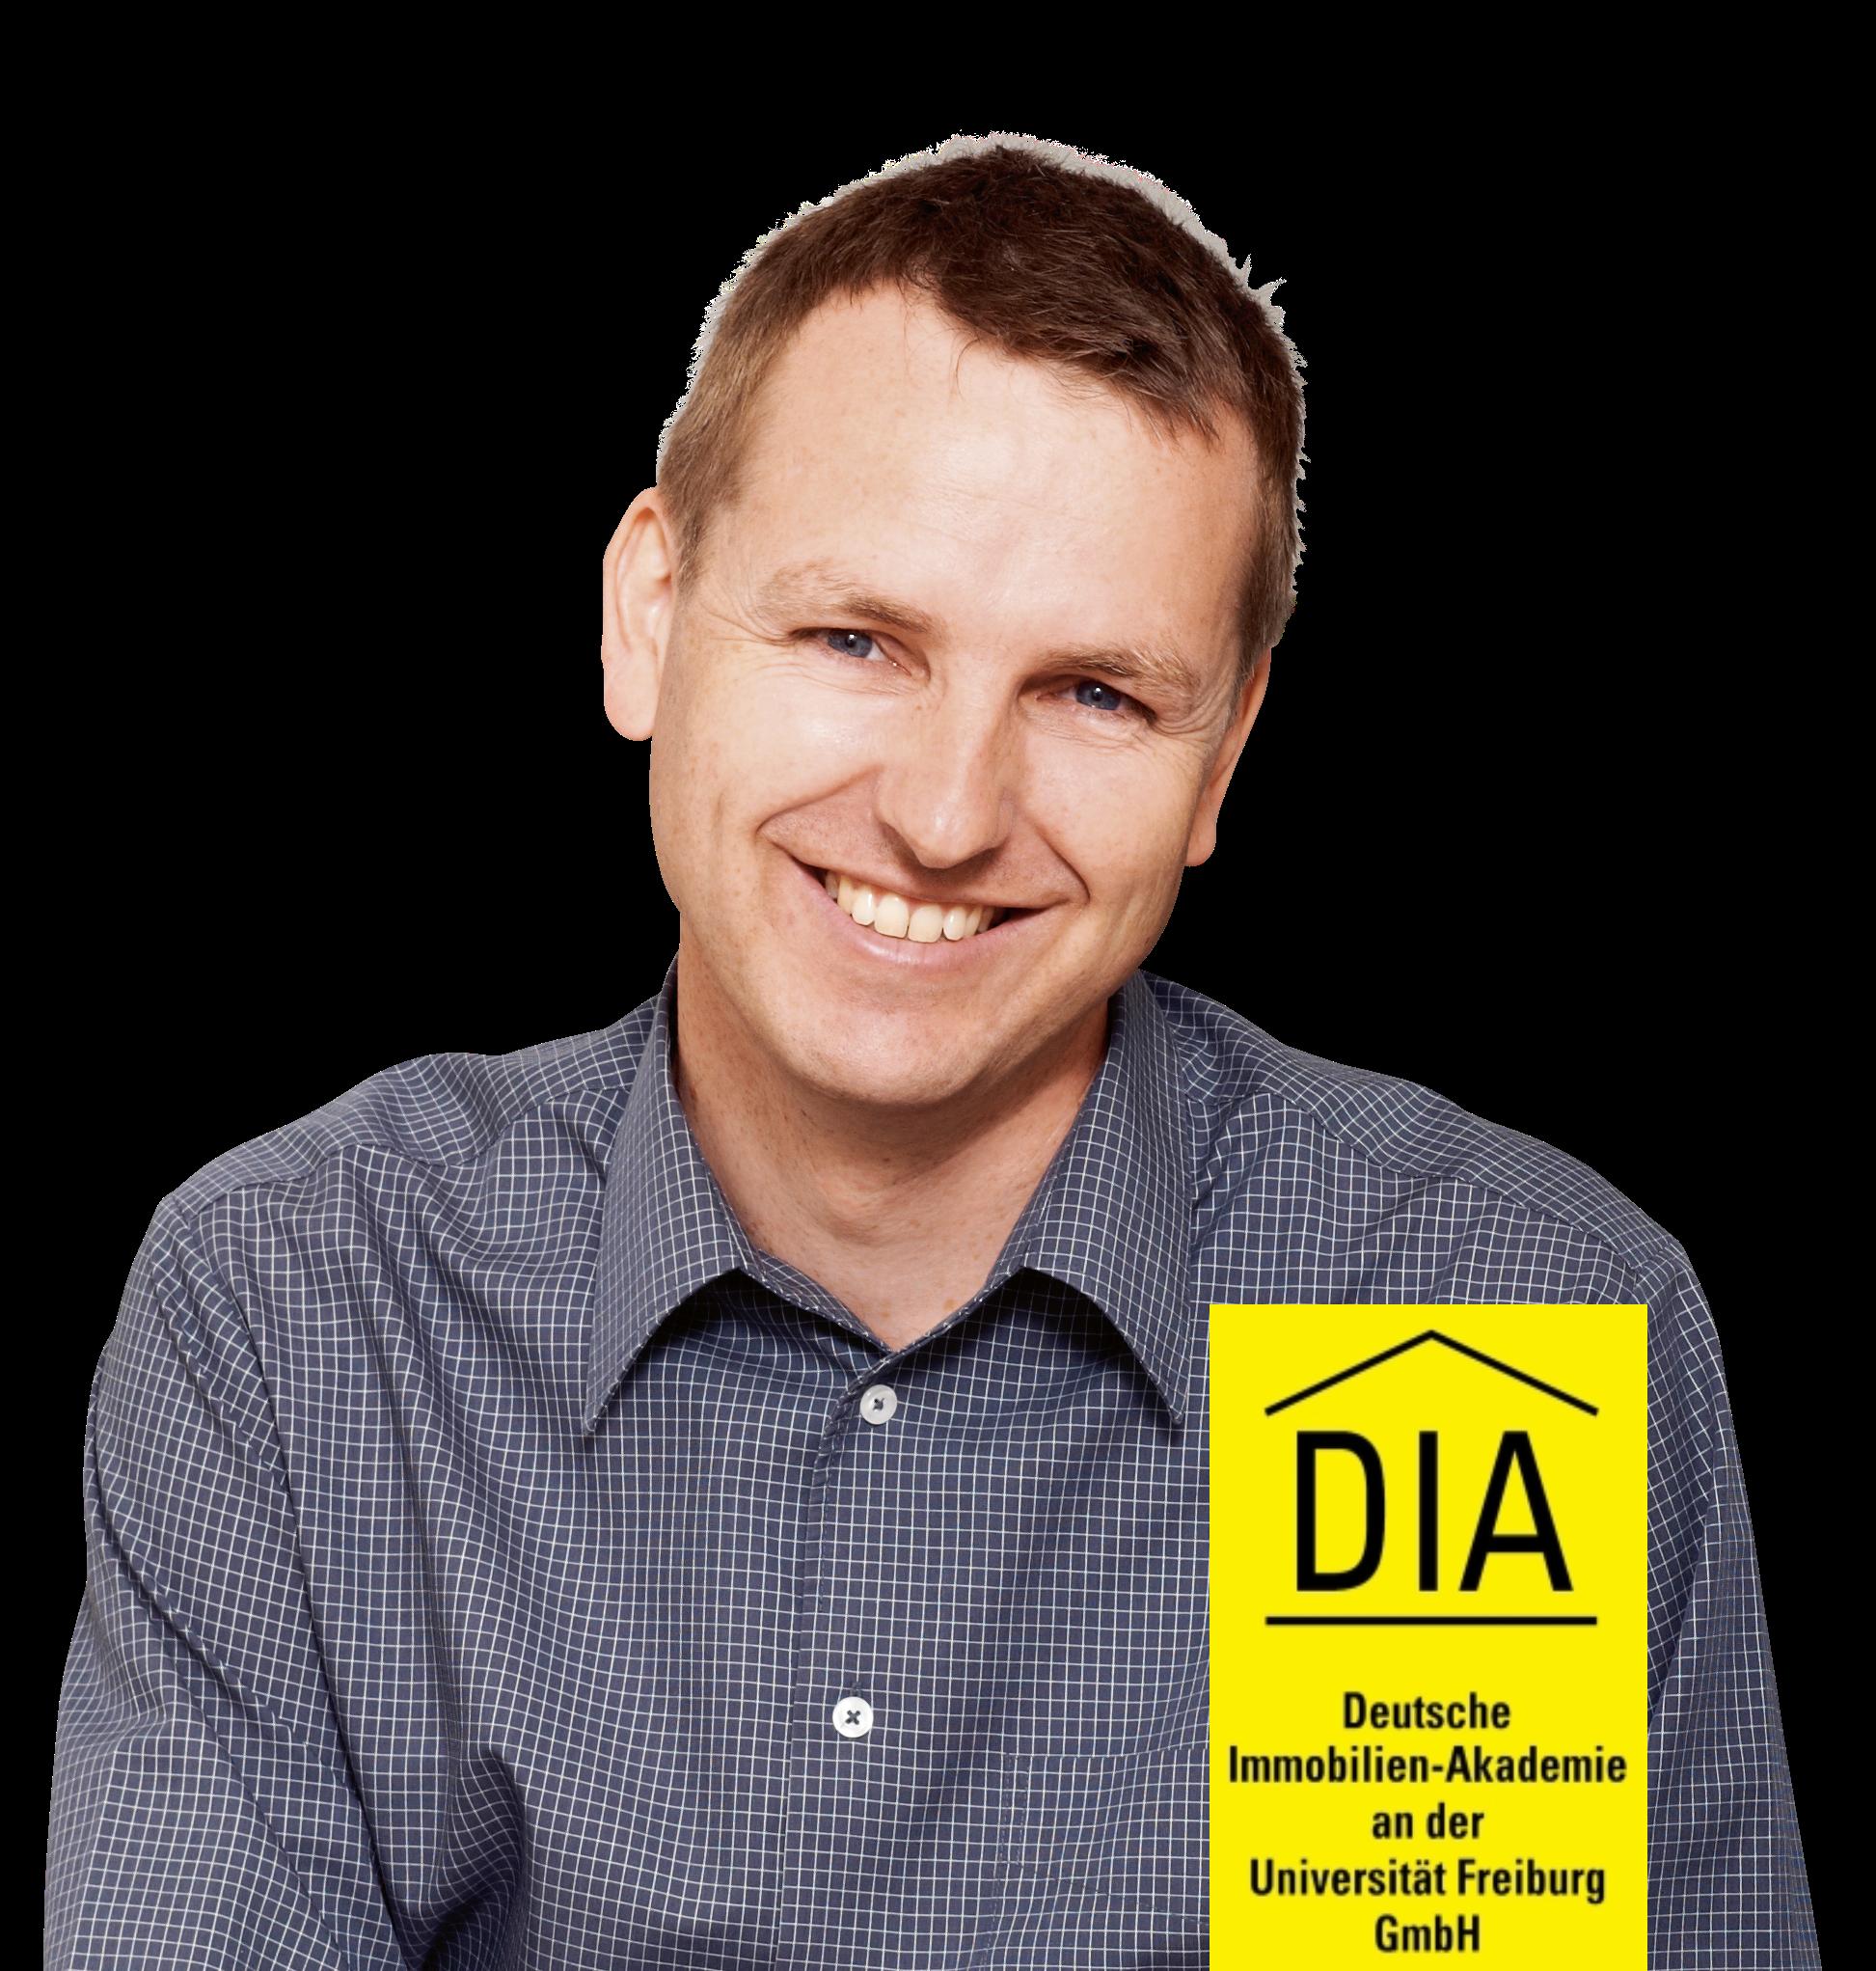 SolidImmo Udo Roth Immobilienmakler aus Freiburg